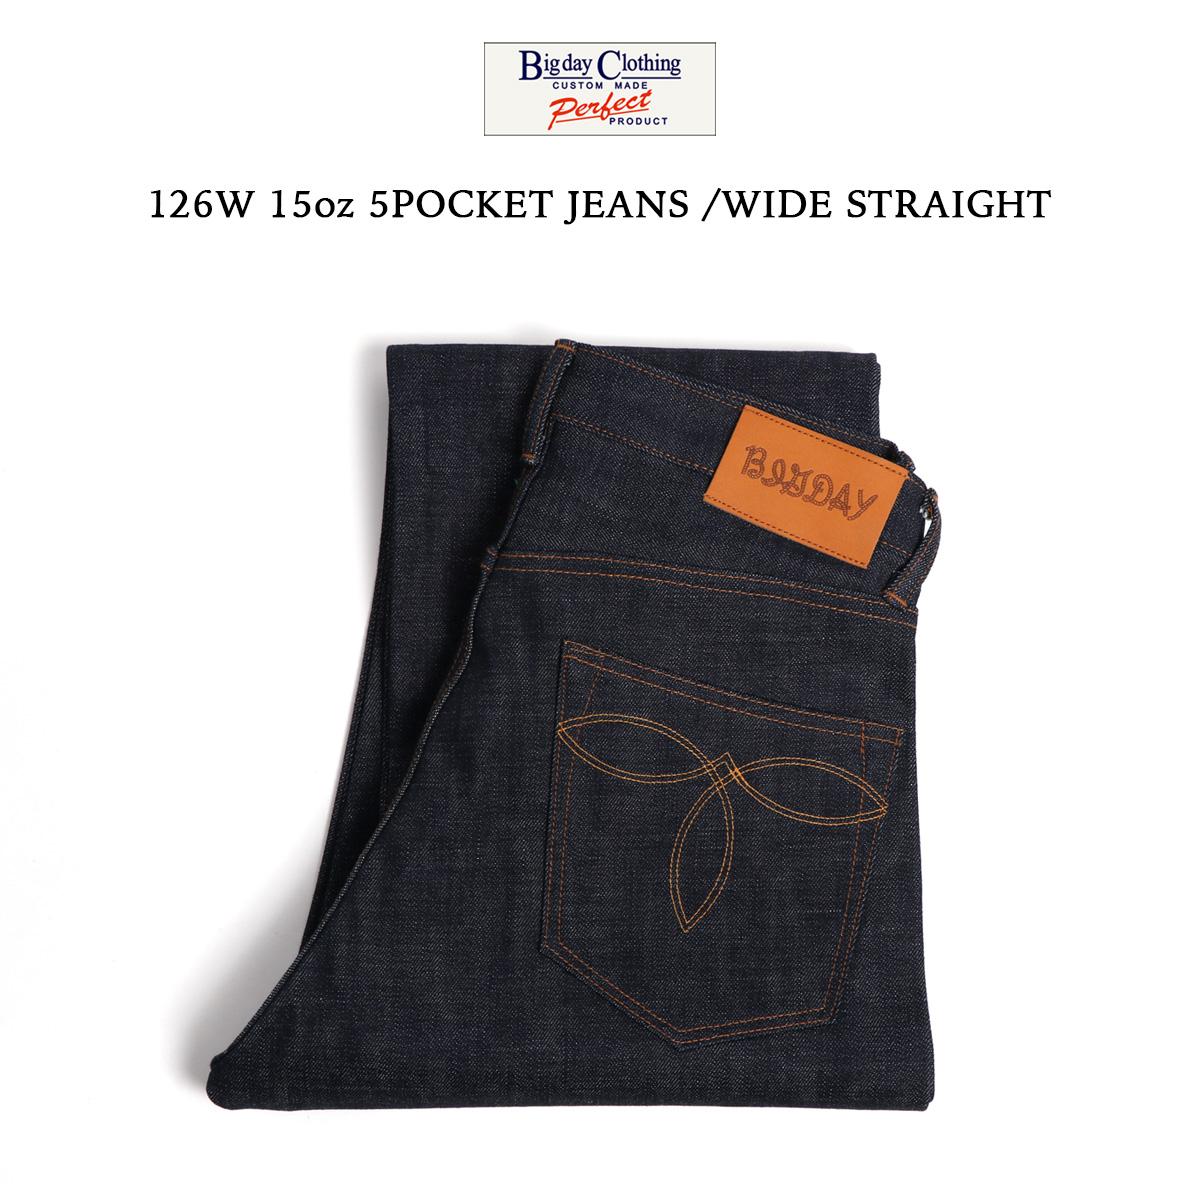 【裾上げ無料】BIG DAY ビッグデイ ジーンズ メンズ 15oz 5ポケットジーンズワイドストレート 大きいサイズ 日本製 #126W